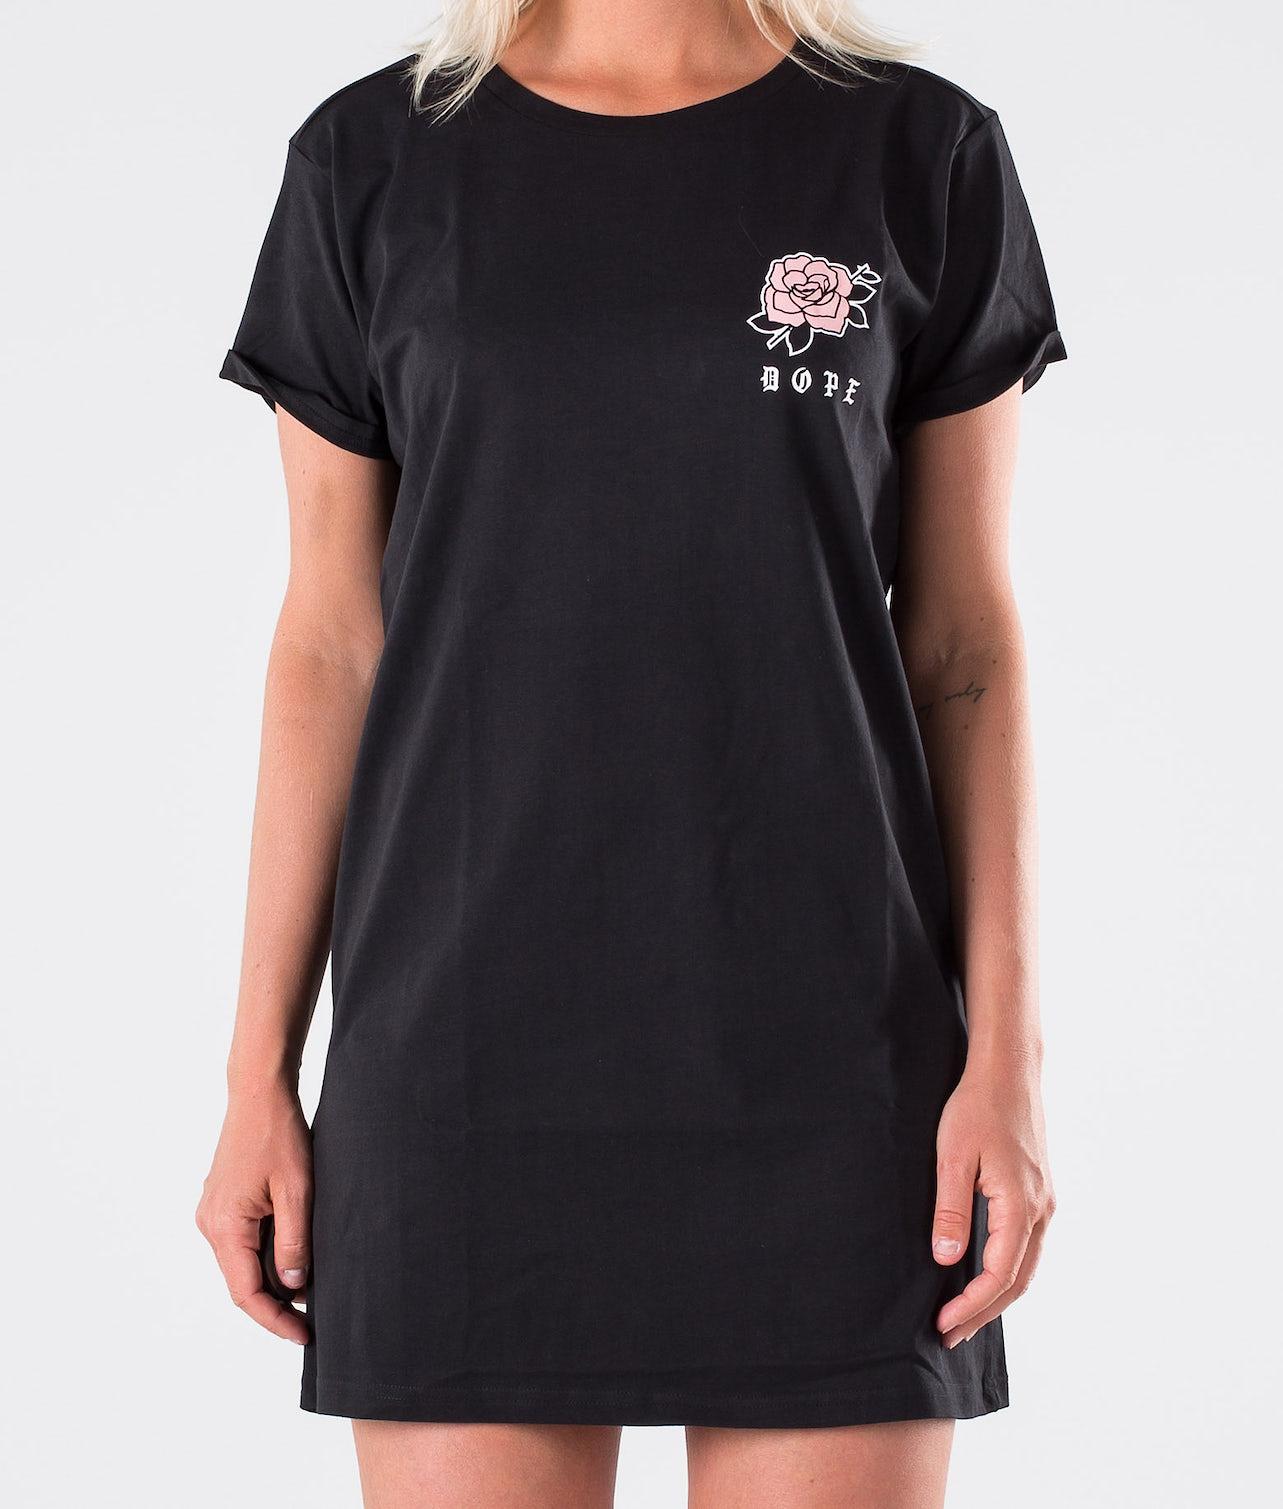 Kjøp Rose Dress Kjole fra Dope på Ridestore.no - Hos oss har du alltid fri frakt, fri retur og 30 dagers åpent kjøp!